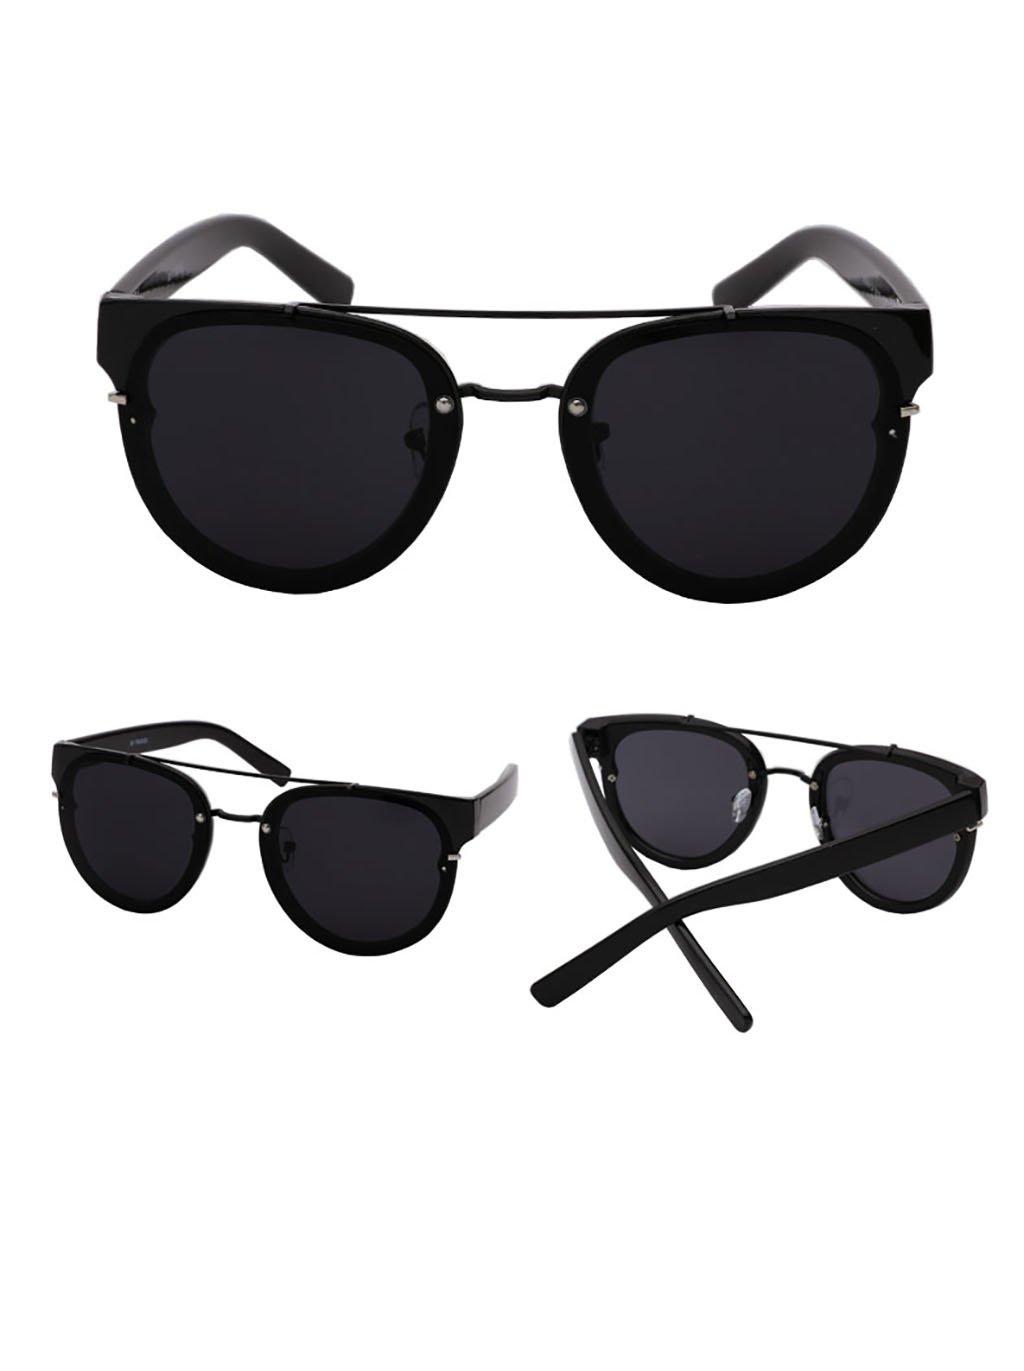 Sonnenbrille Sonnenbrille weiblich / runde Gesicht große Sonnenbrille Mode Paar reflektierende Sonnenbrille männlich ( Farbe : 5 ) L9ZDq2